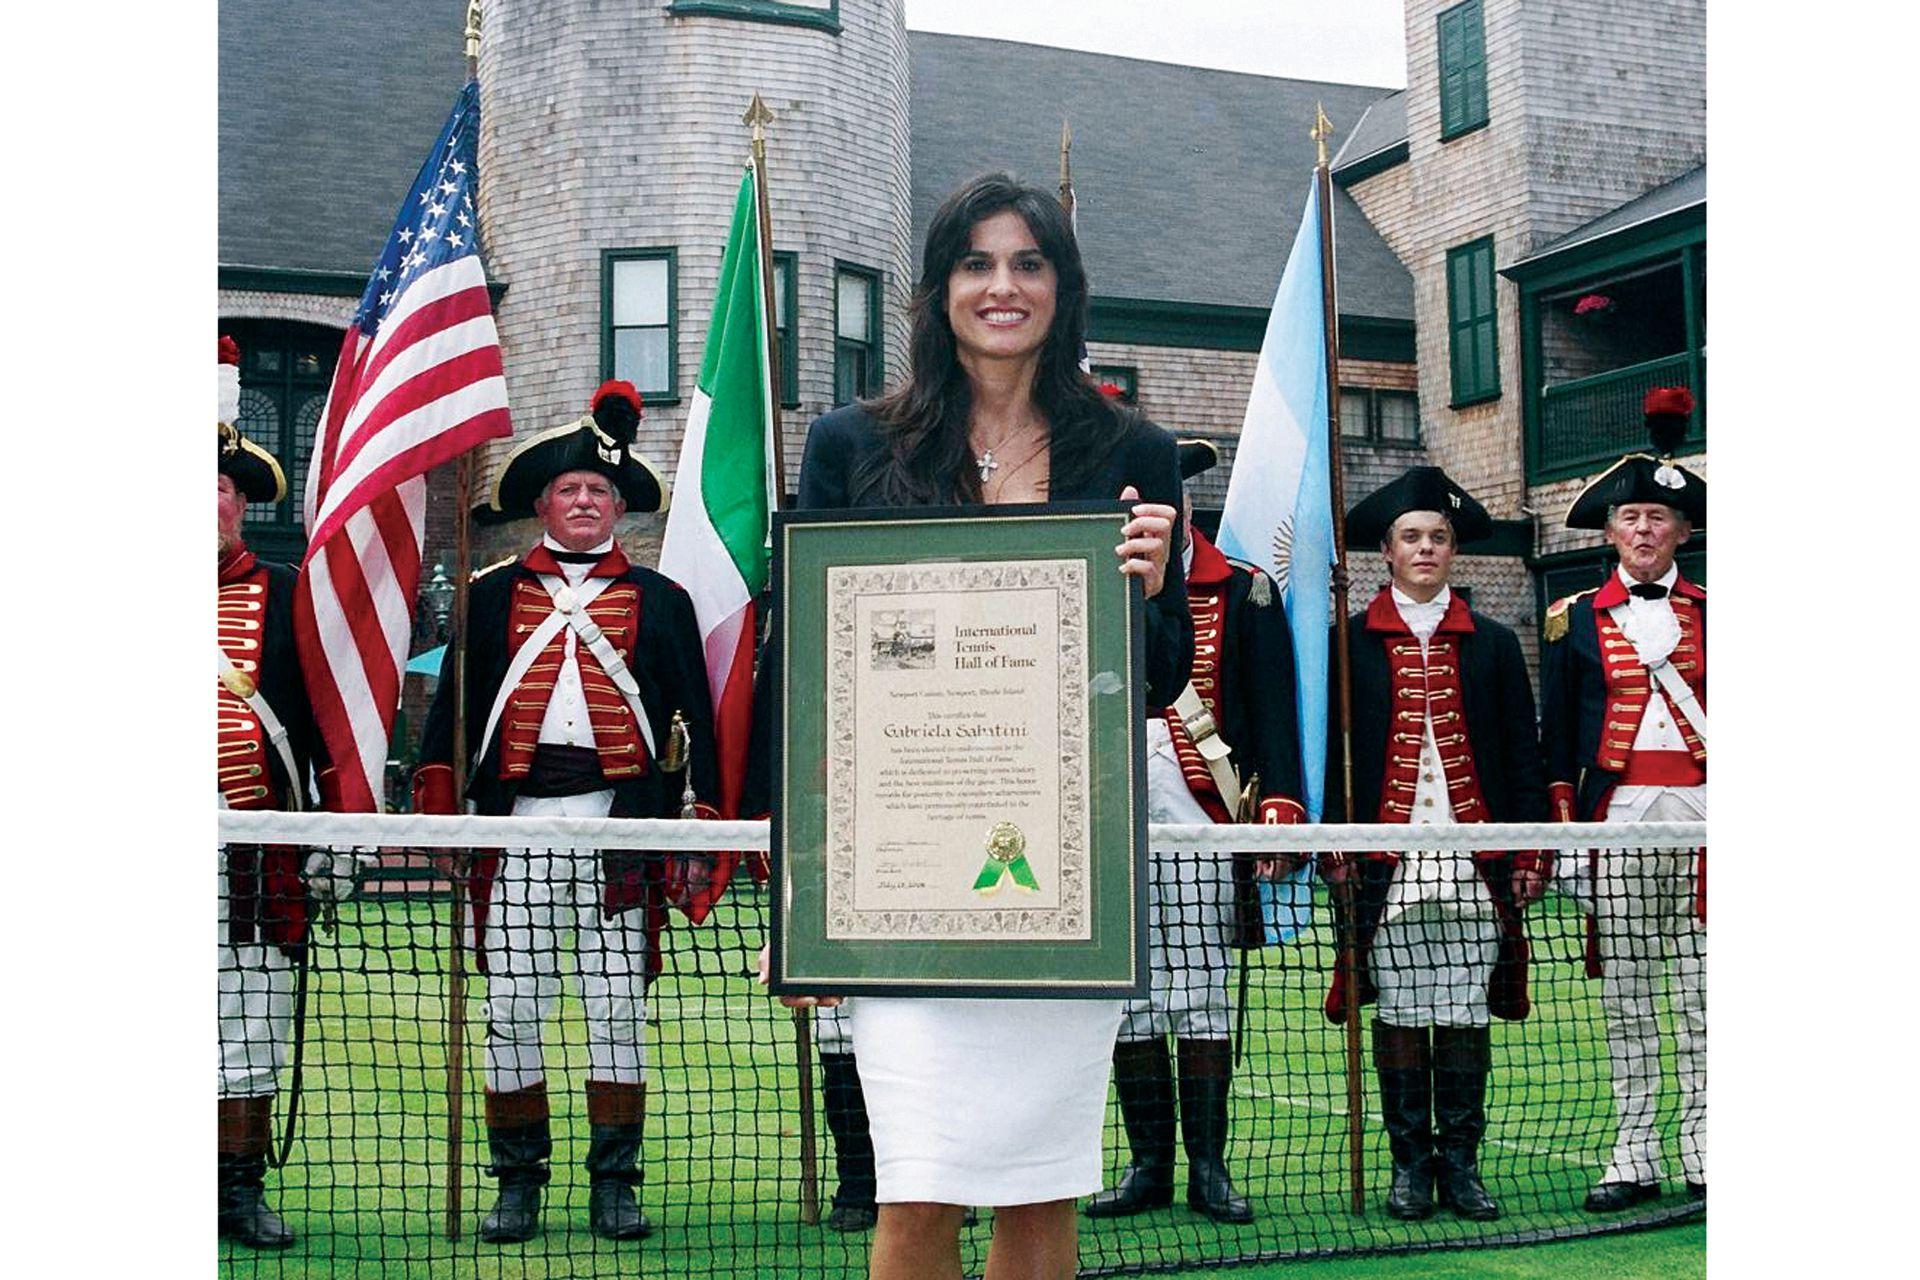 En 2006, camino a los 40 años, Sabatini ingresó en el Salón de la Fama del tenis, en Newport. Sólo ella y Guillermo Vilas son los argentinos allí galardonados.